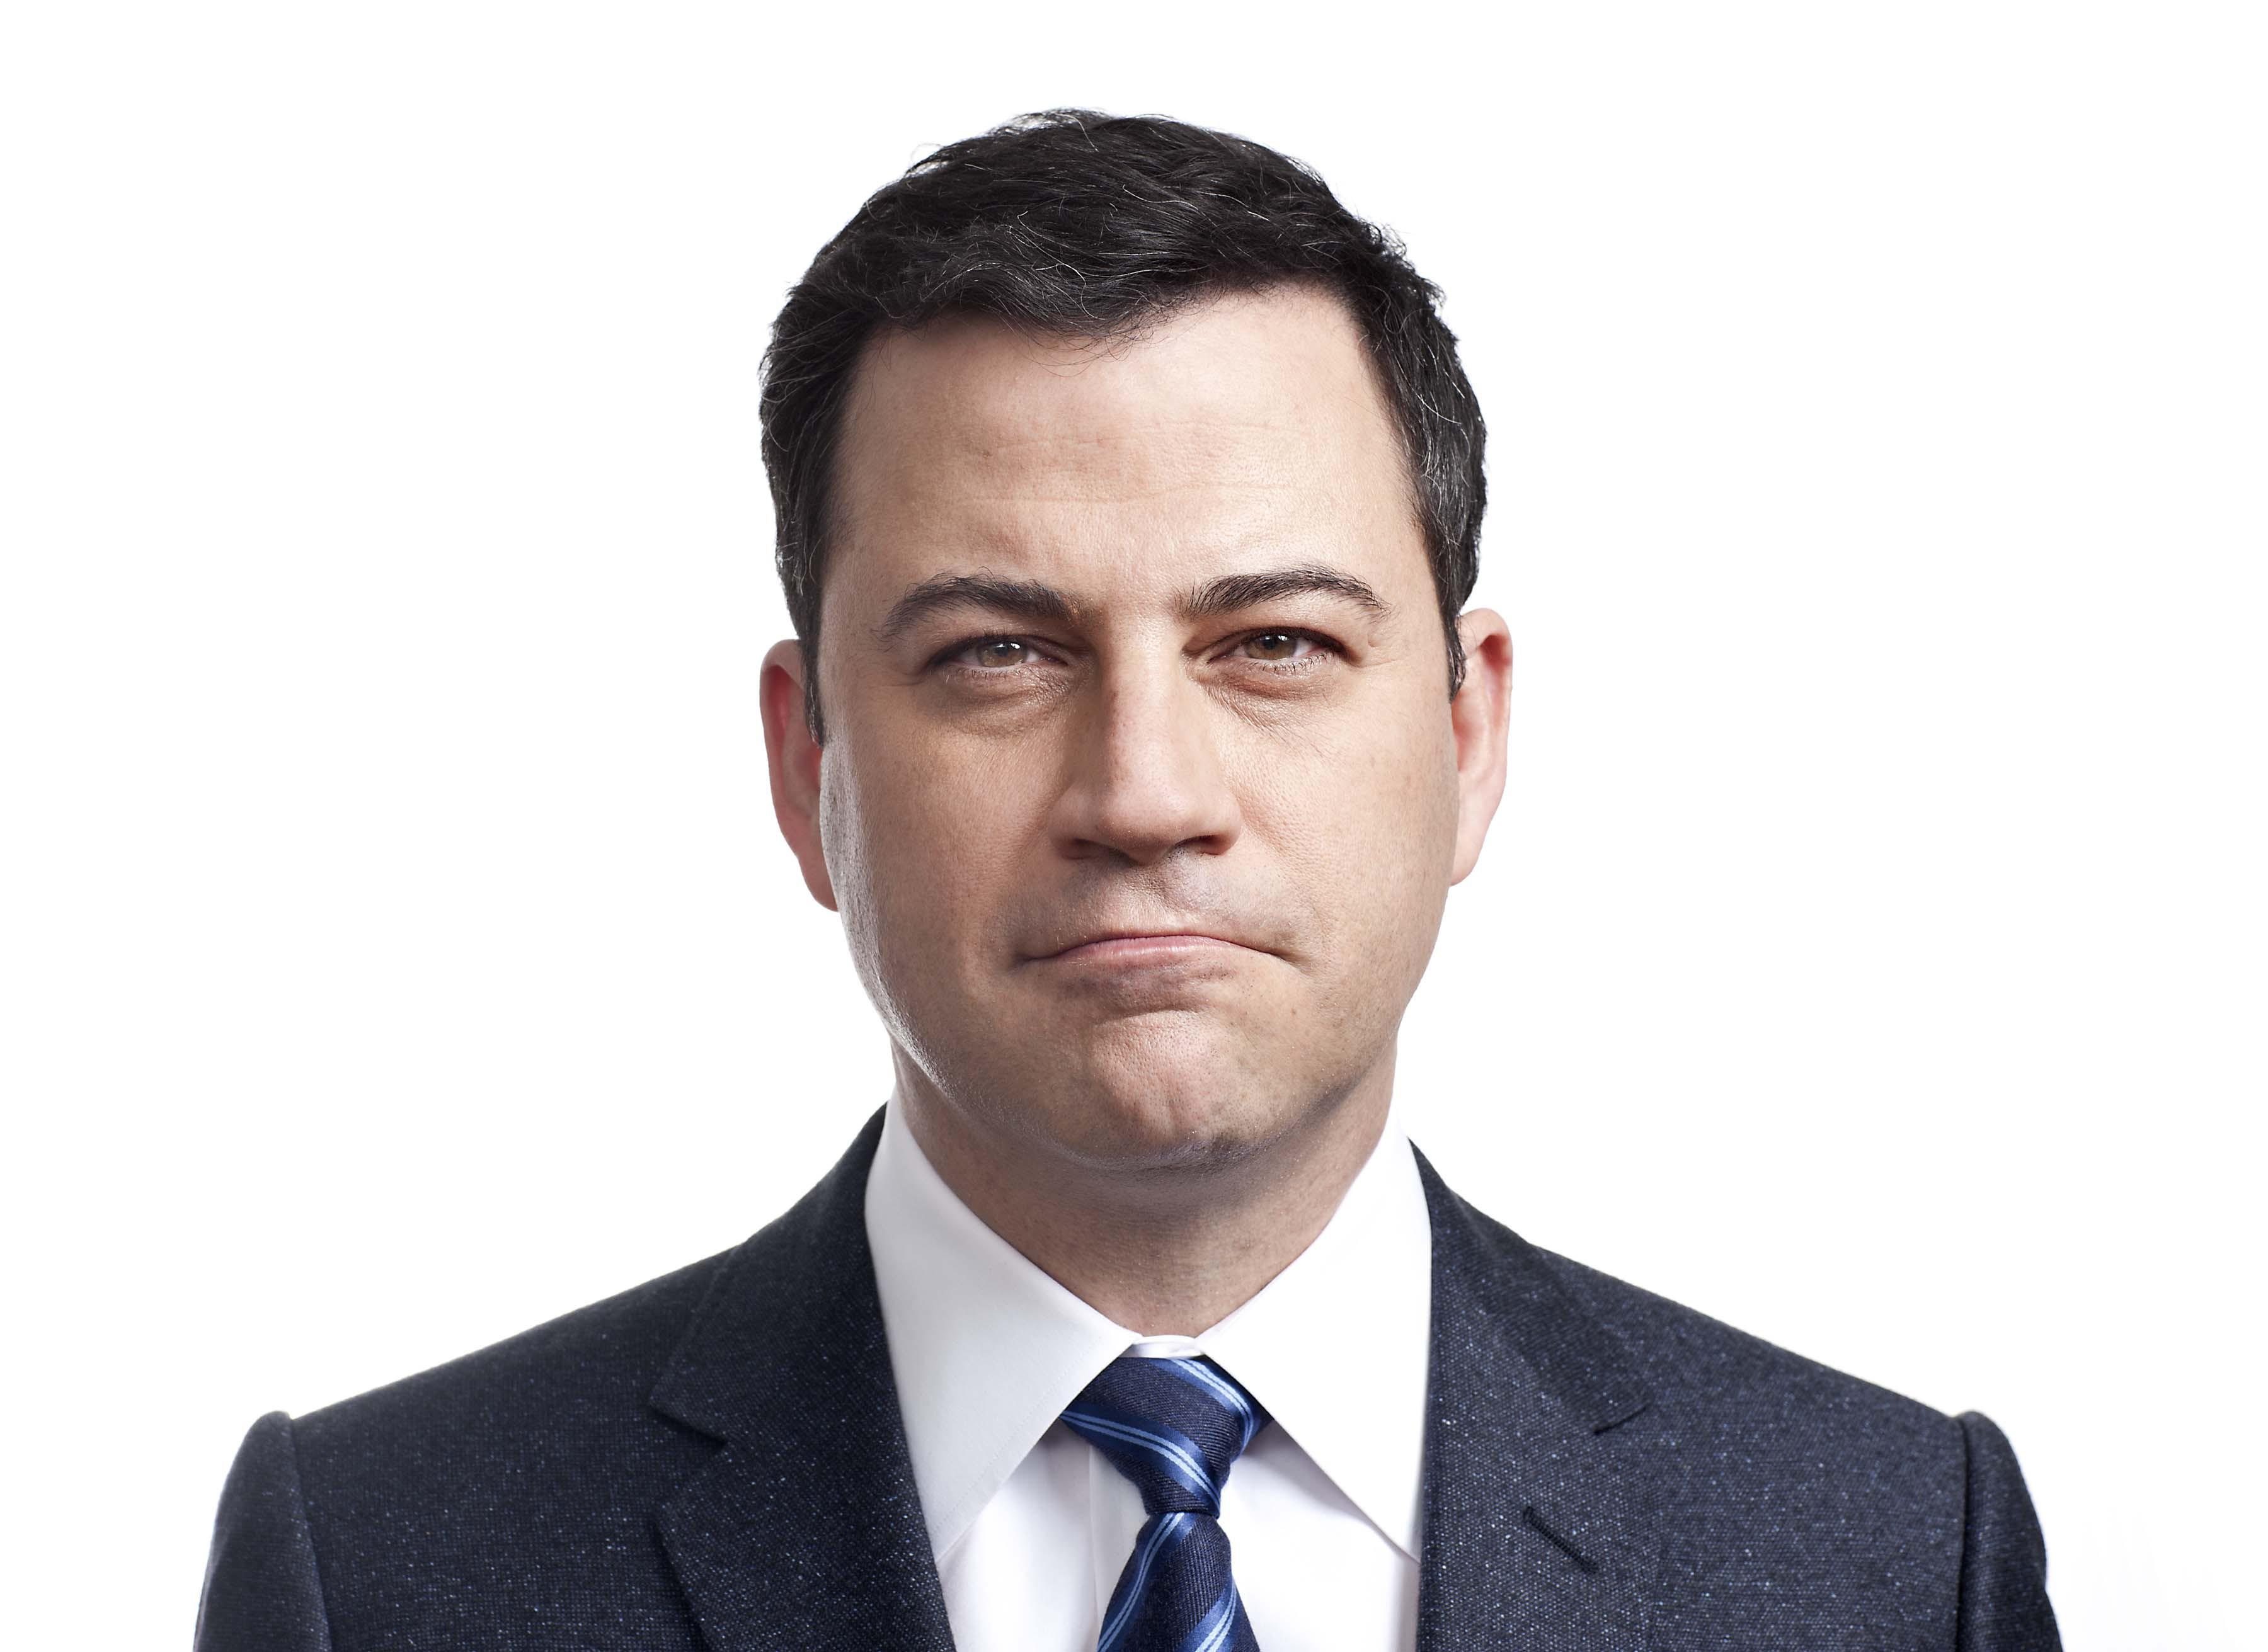 Jimmy Kimmel Hd Wallpaper